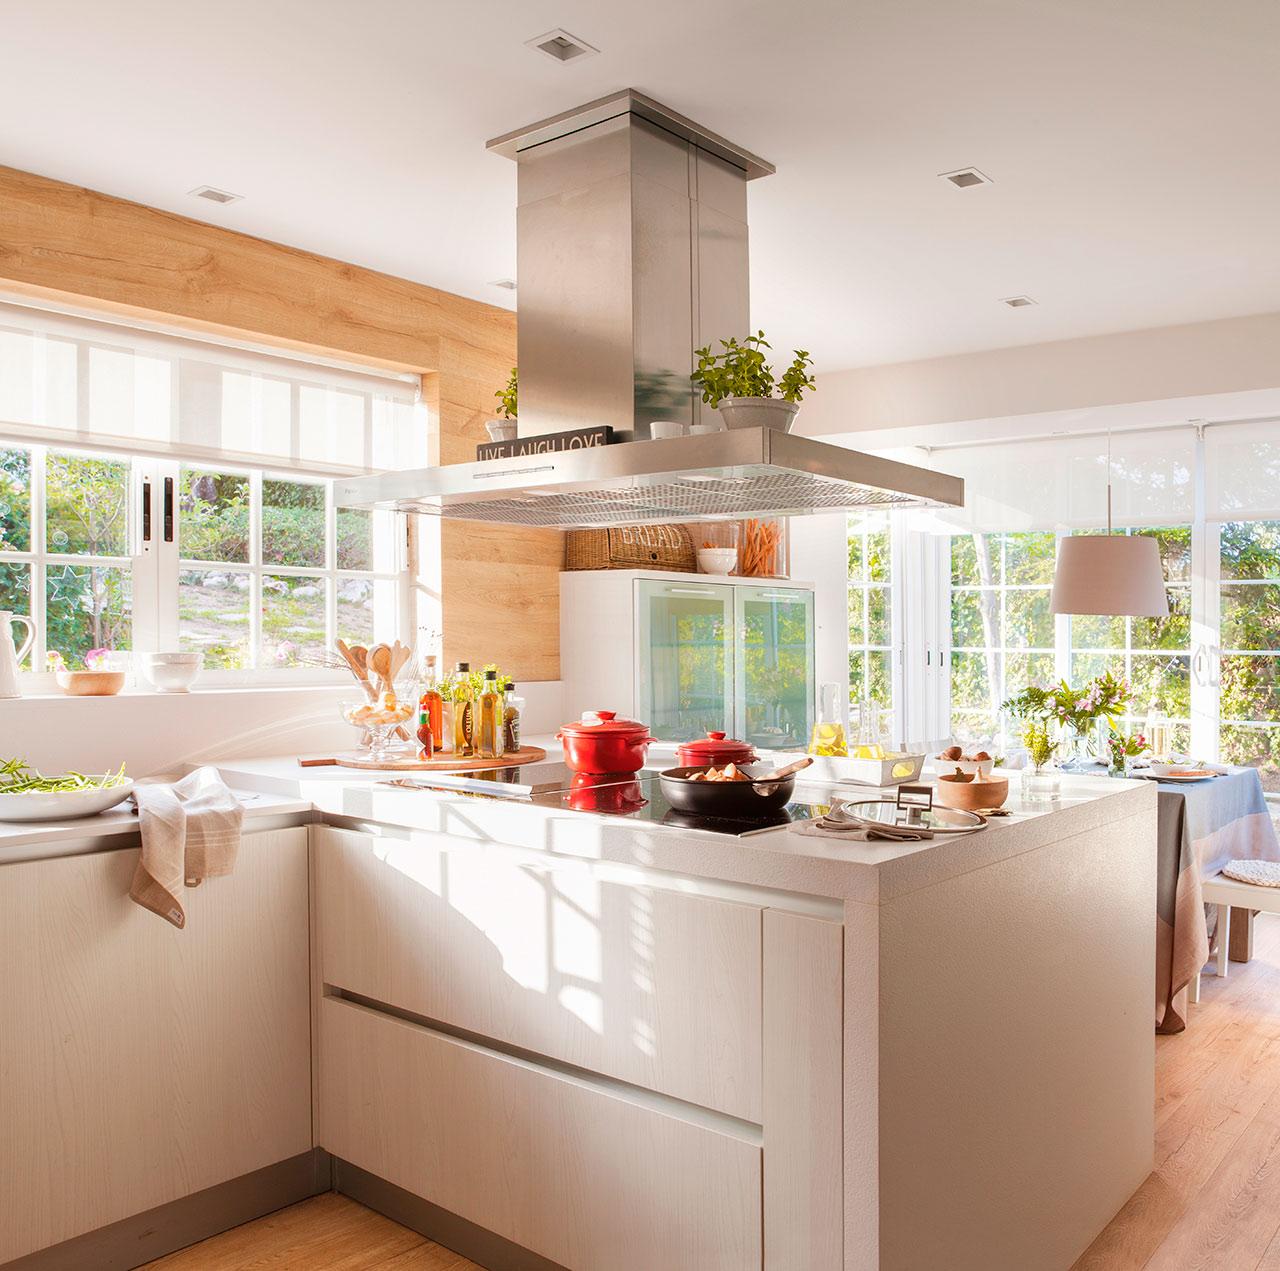 Adi s a la cruda soledad del cocinero - Material de cocina ...